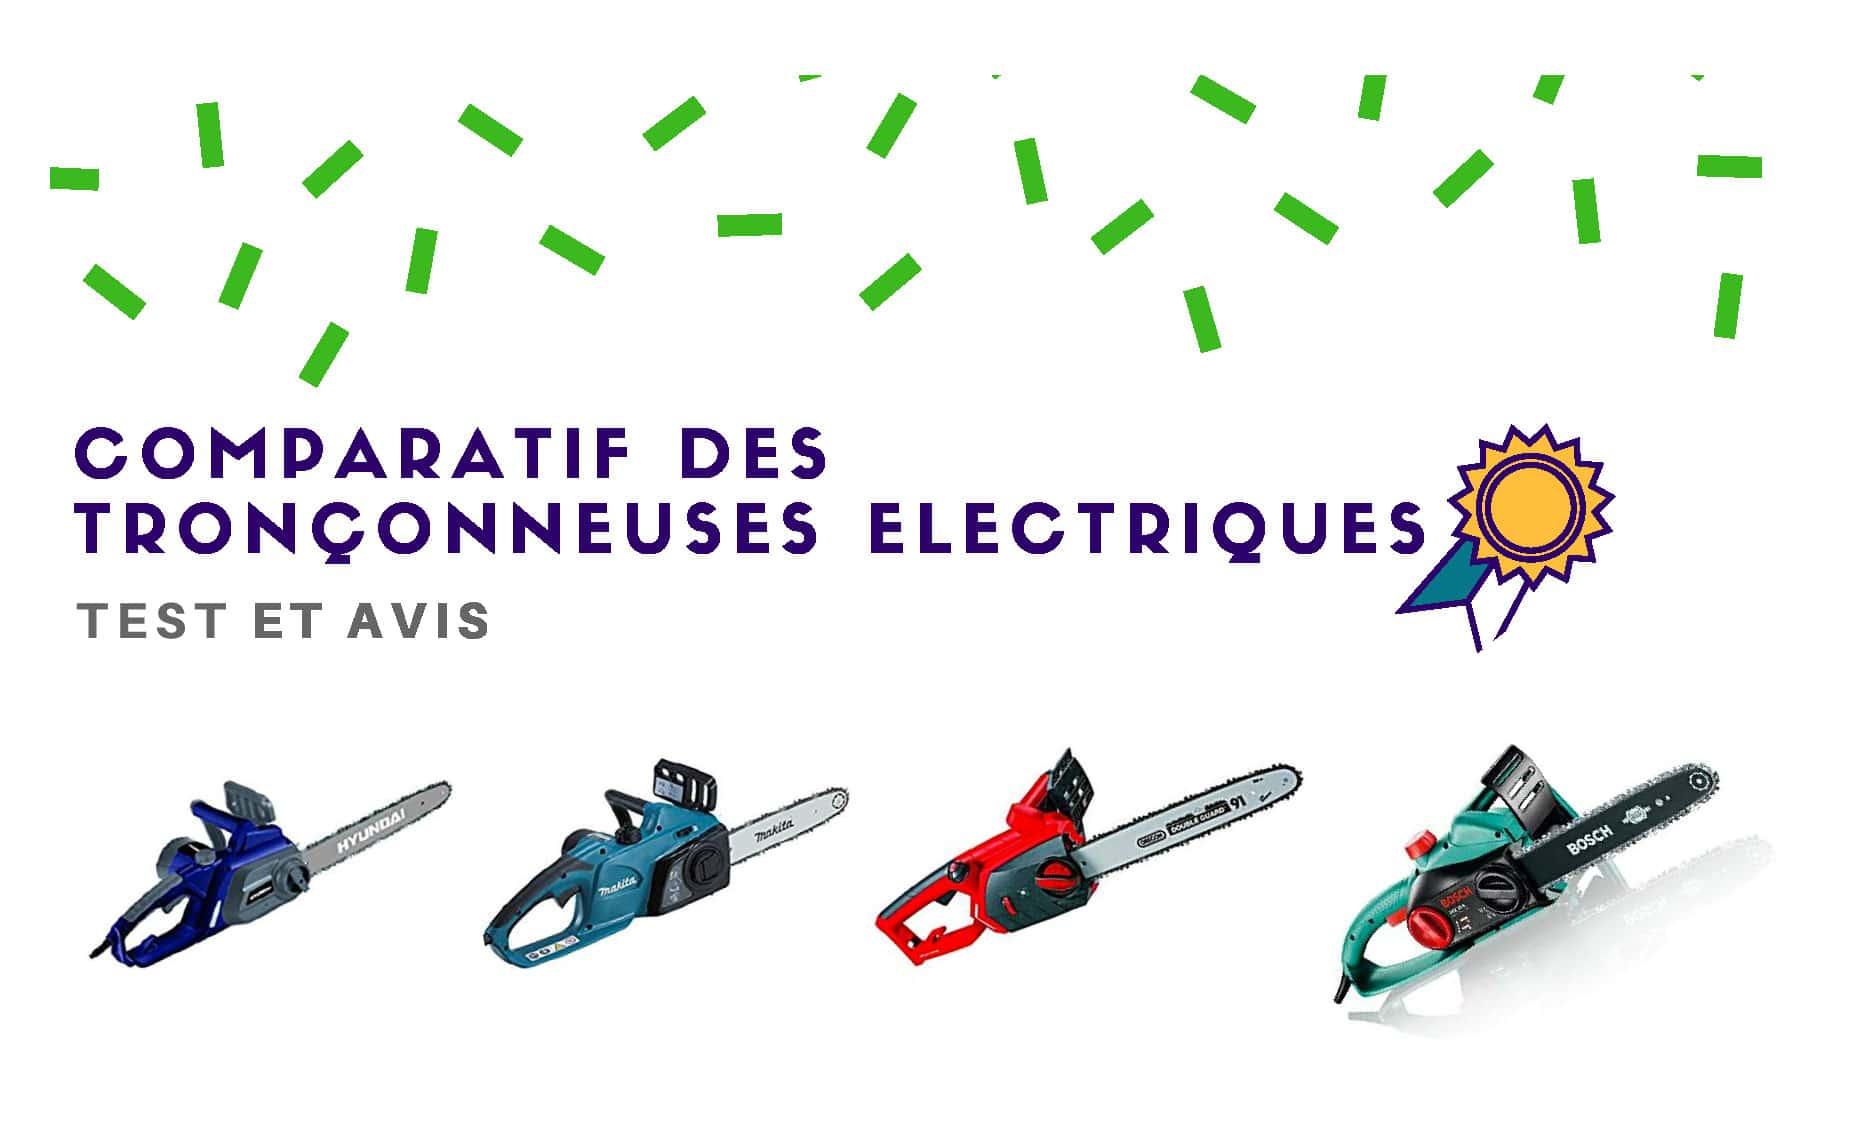 tronconneuse electrique